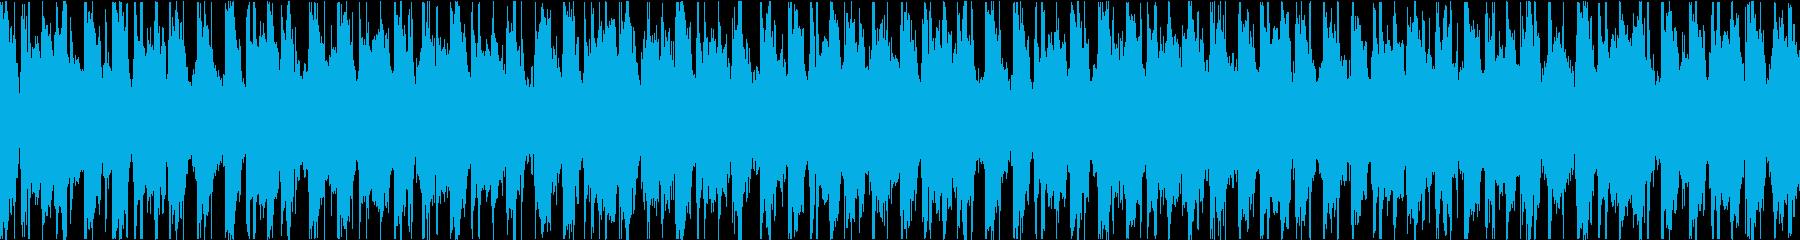 ピアノが特徴のEDM ファンク ループの再生済みの波形